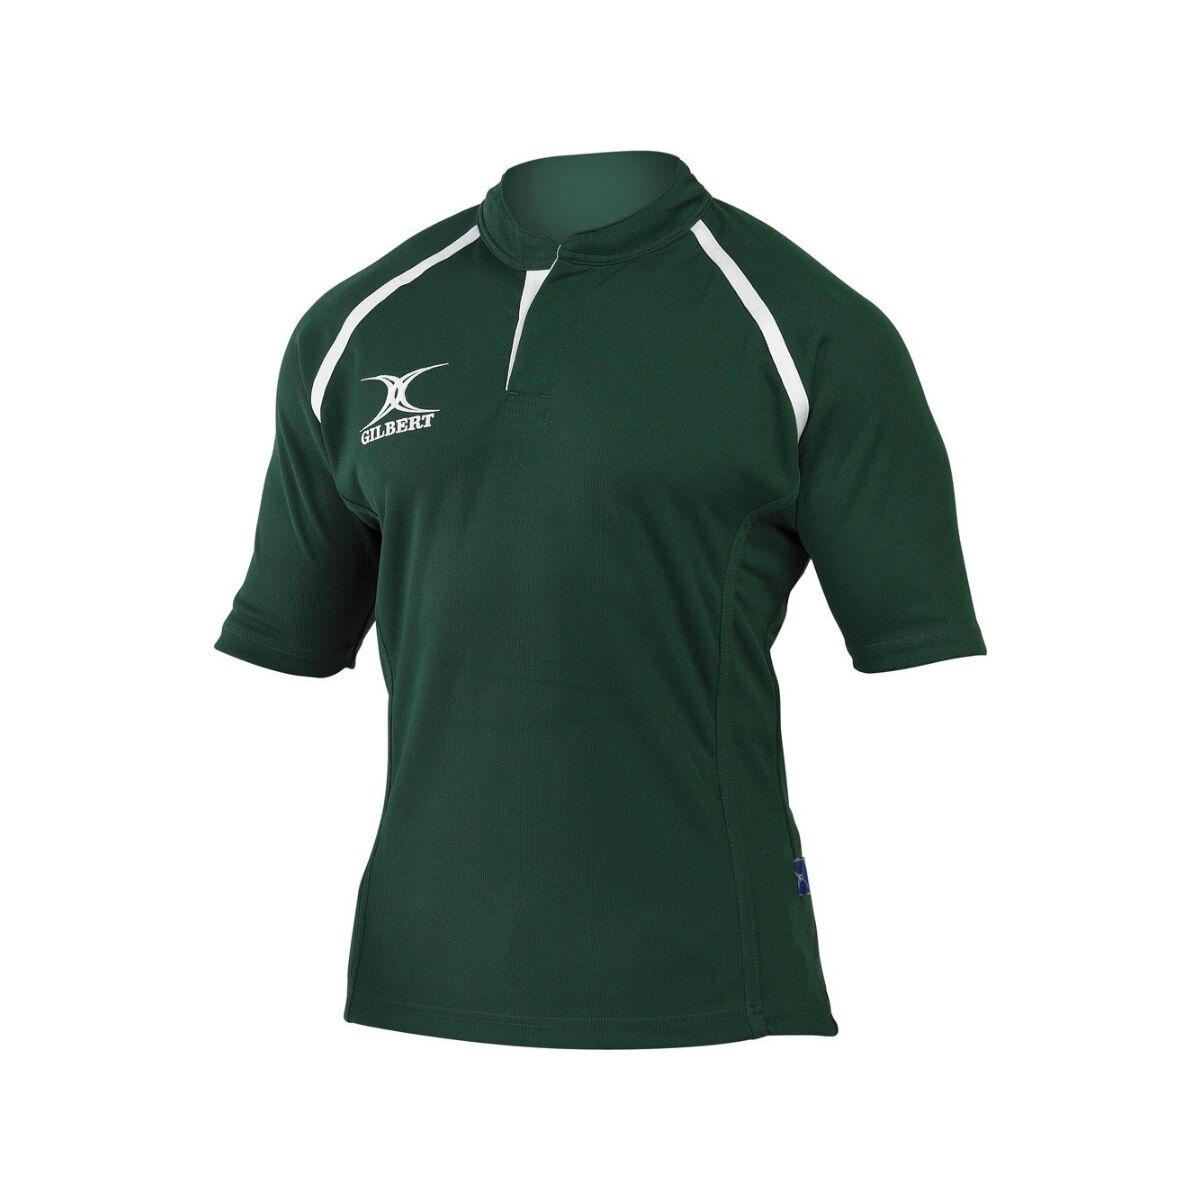 Gilbert Rugby Match Shirt